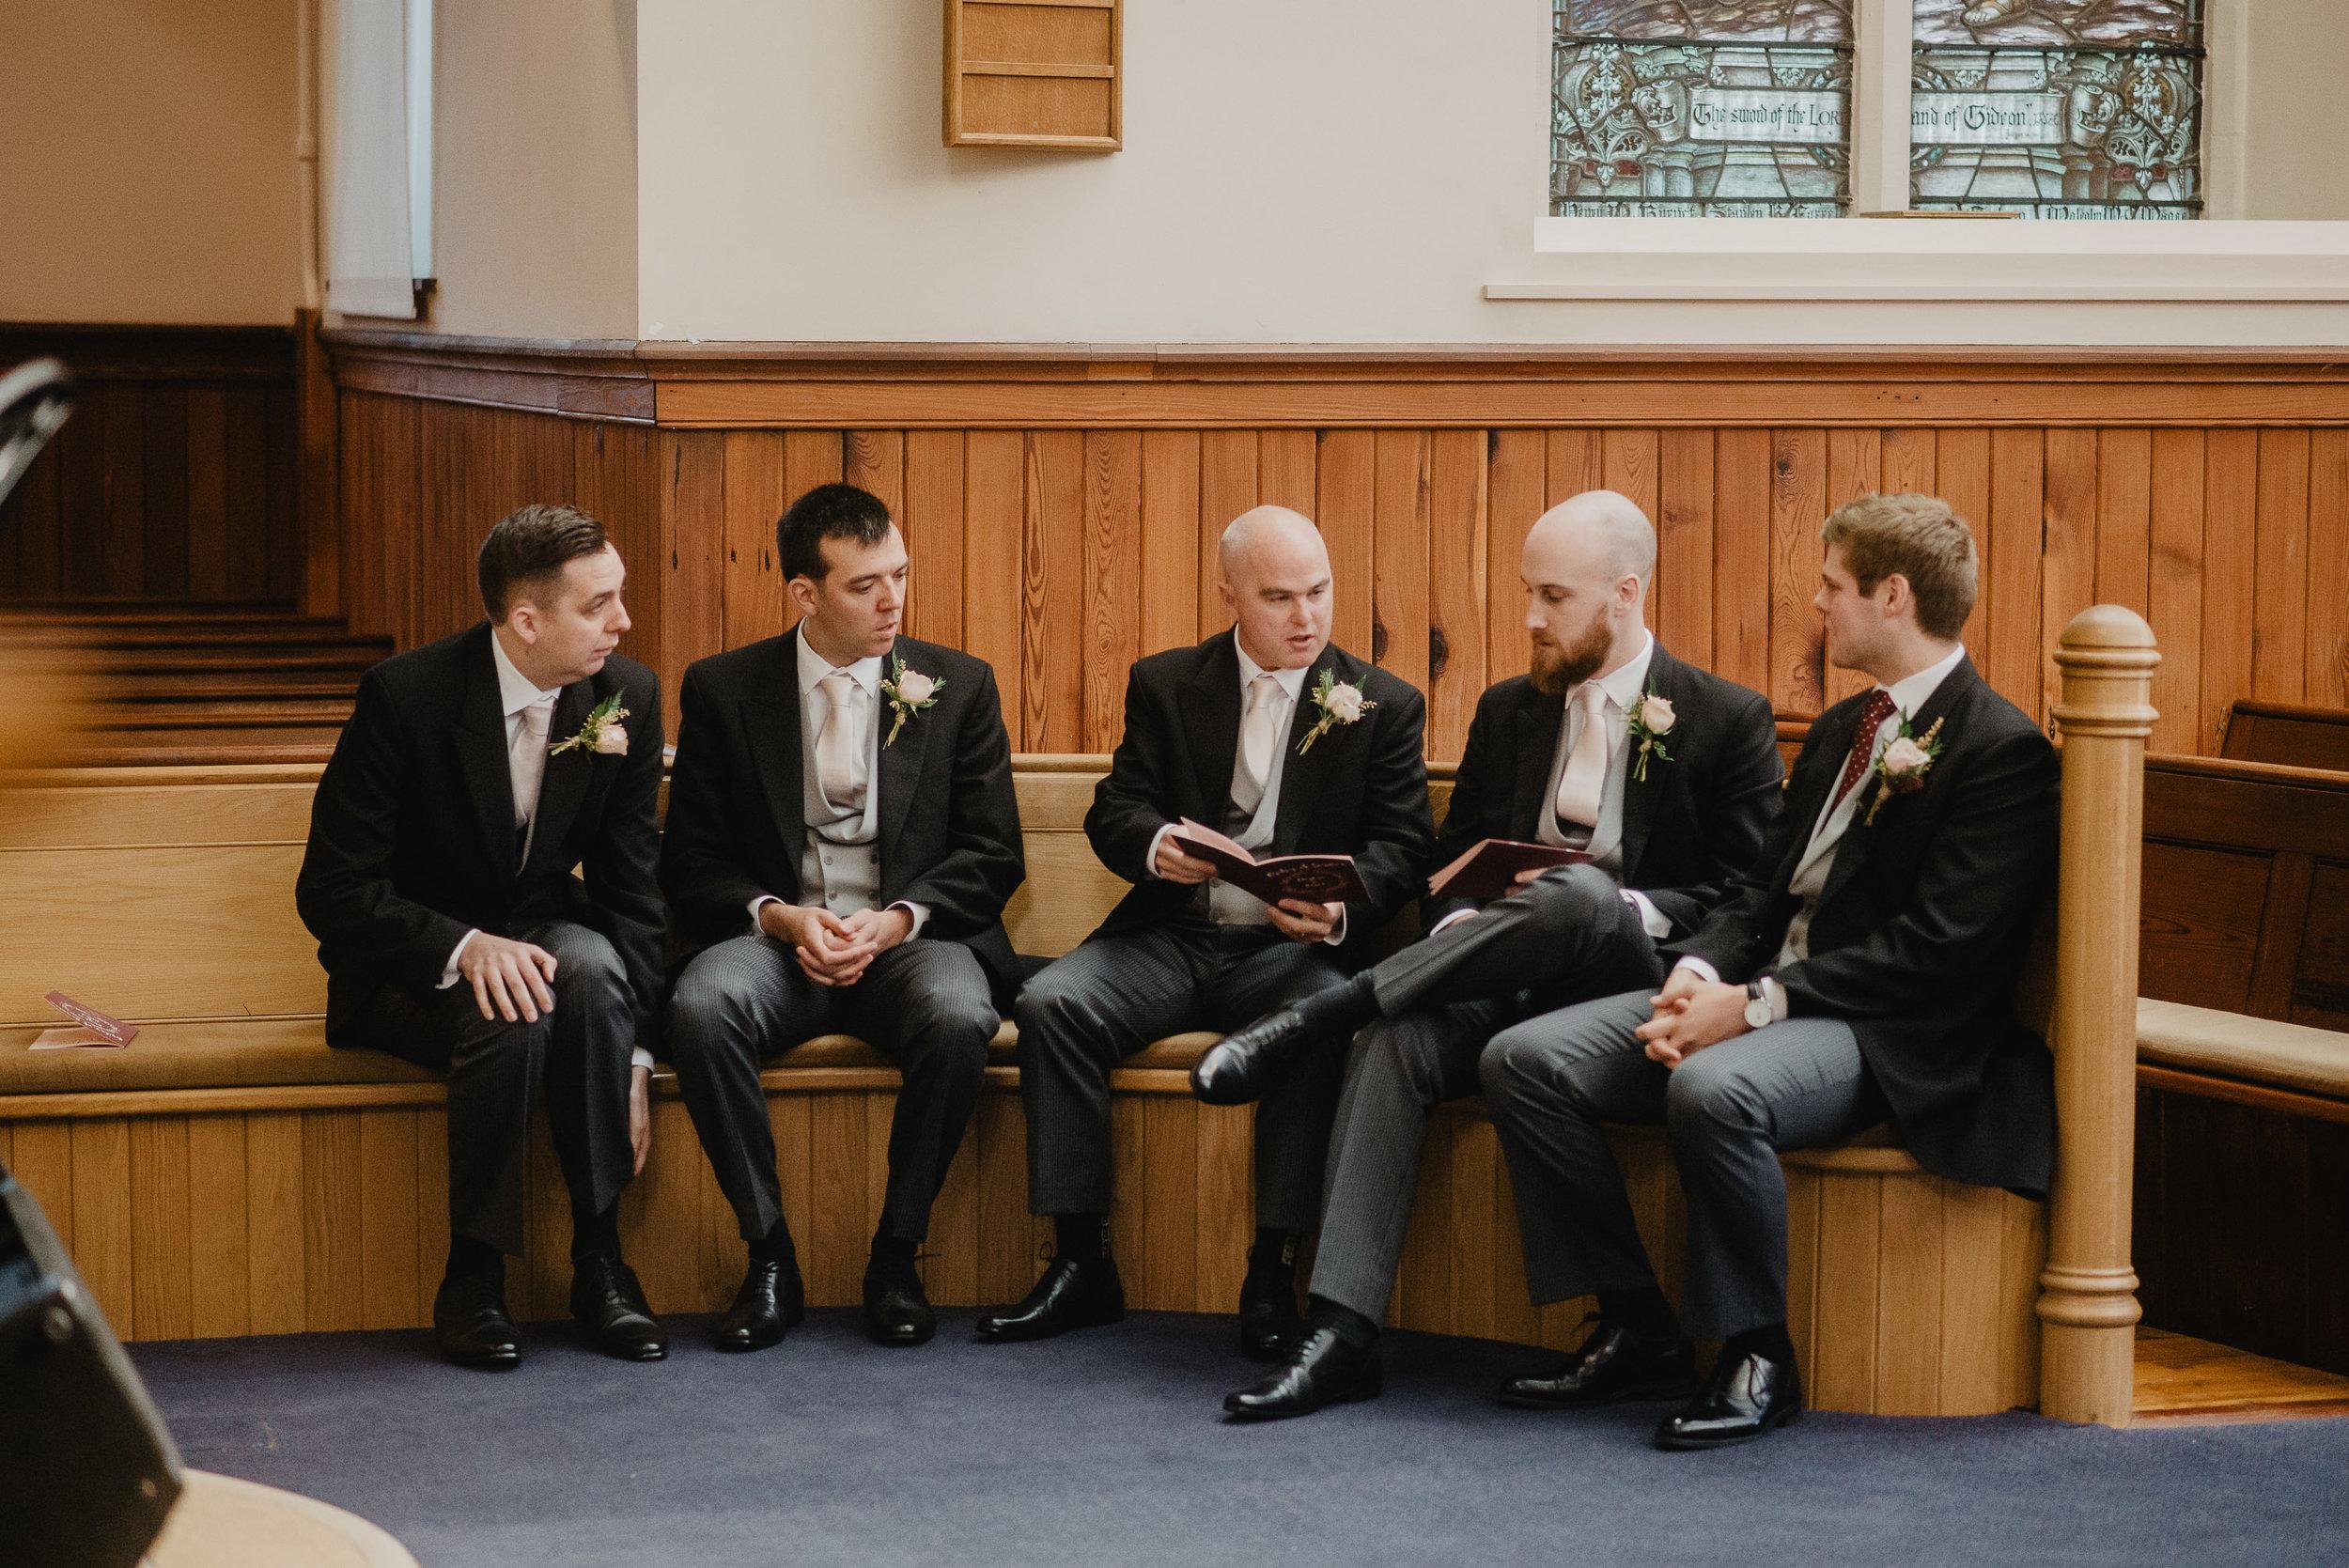 larchfield estate wedding photos-38.jpg